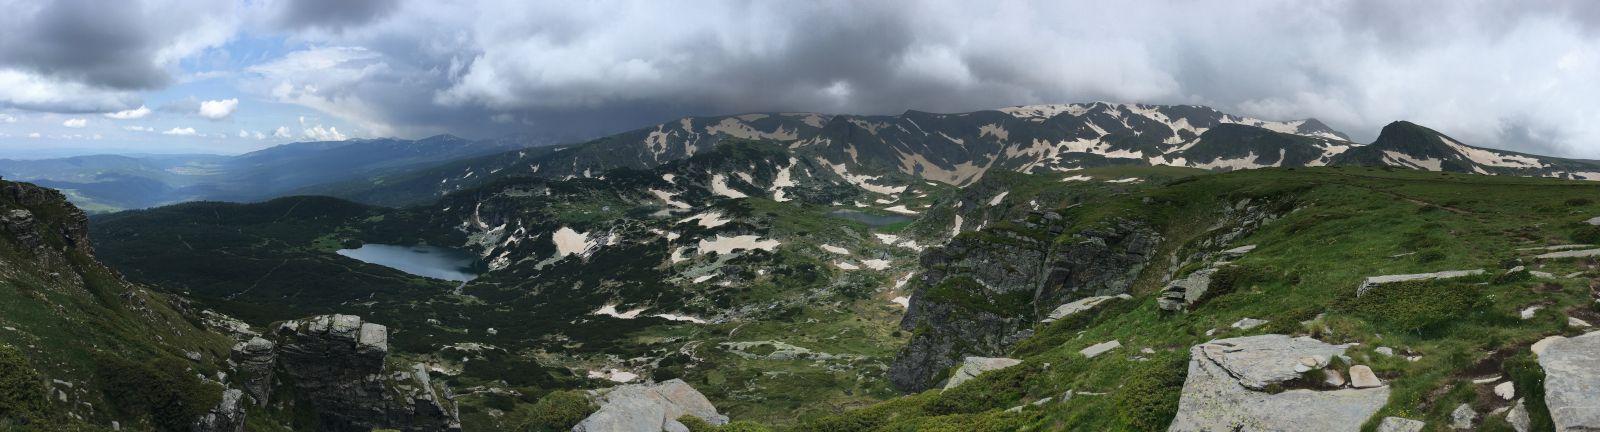 Рильские горы панорама